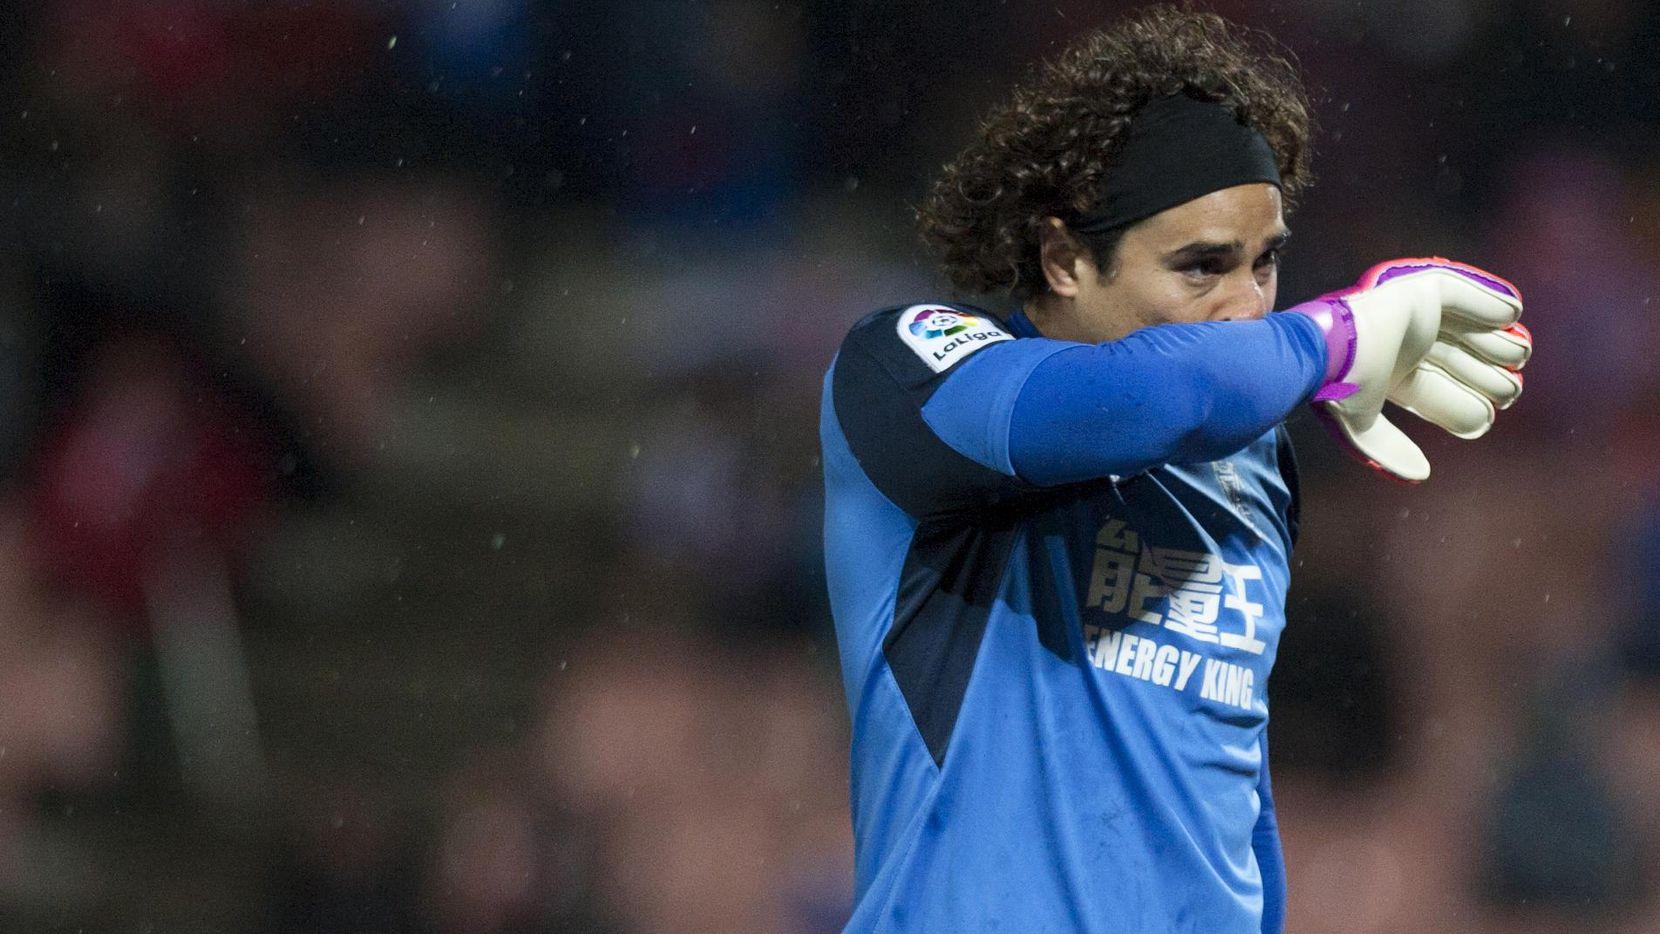 Medios españoles reportaron que Memo Ochoa habría rechazado una oferta del FC Dallas. (AFP/Getty Images/JORGE GUERRERO)